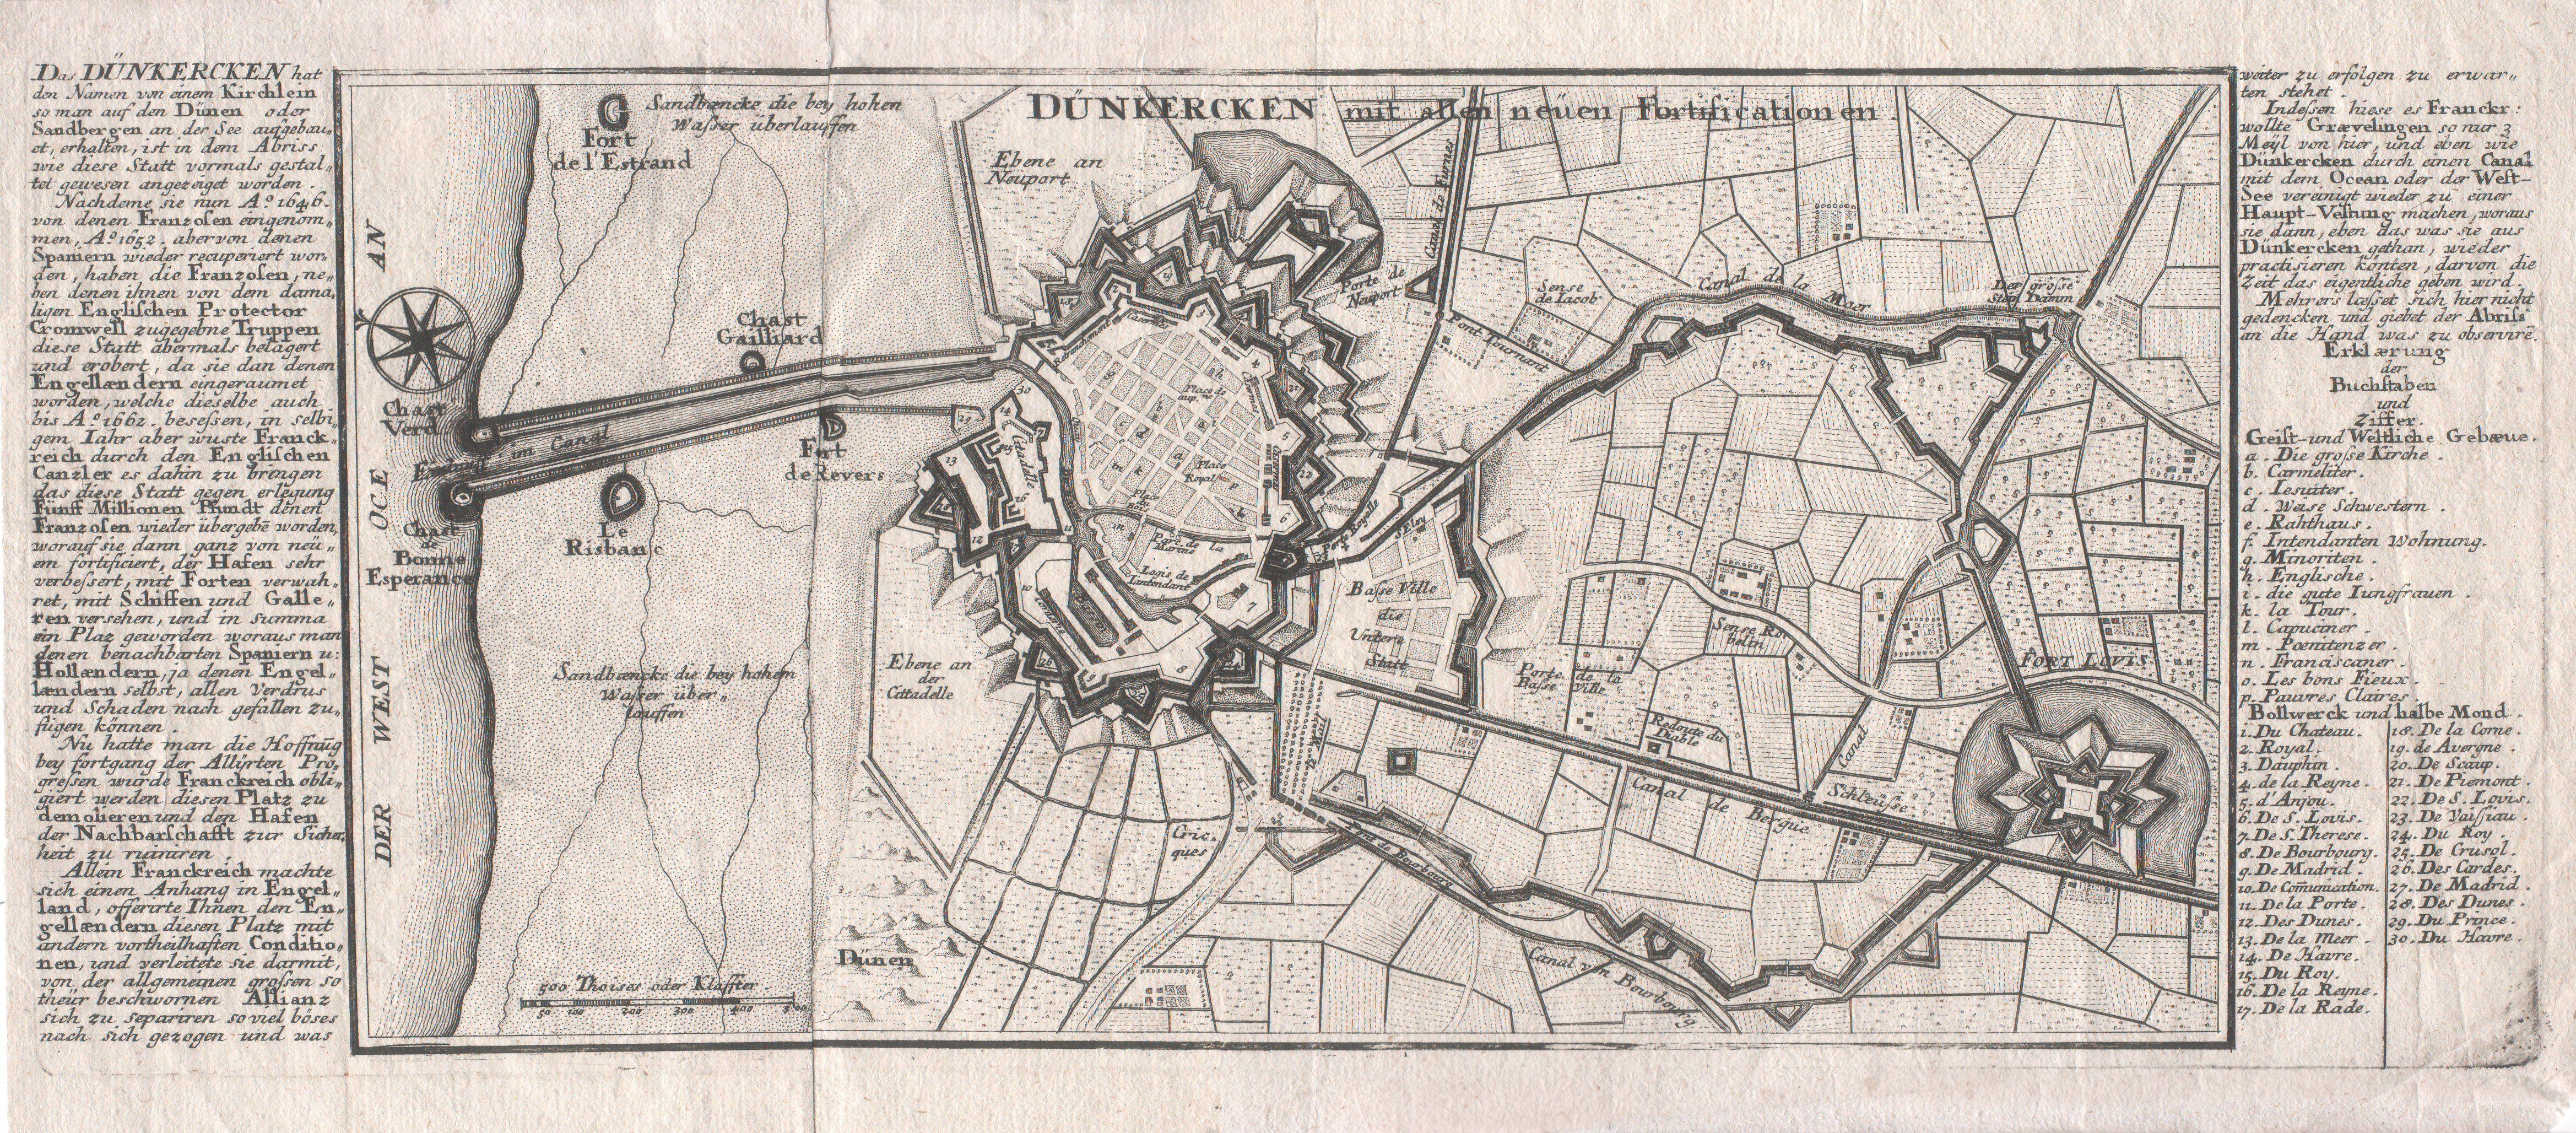 Plan En Allemand Des Fortifications De Dunkerque Vers 1700